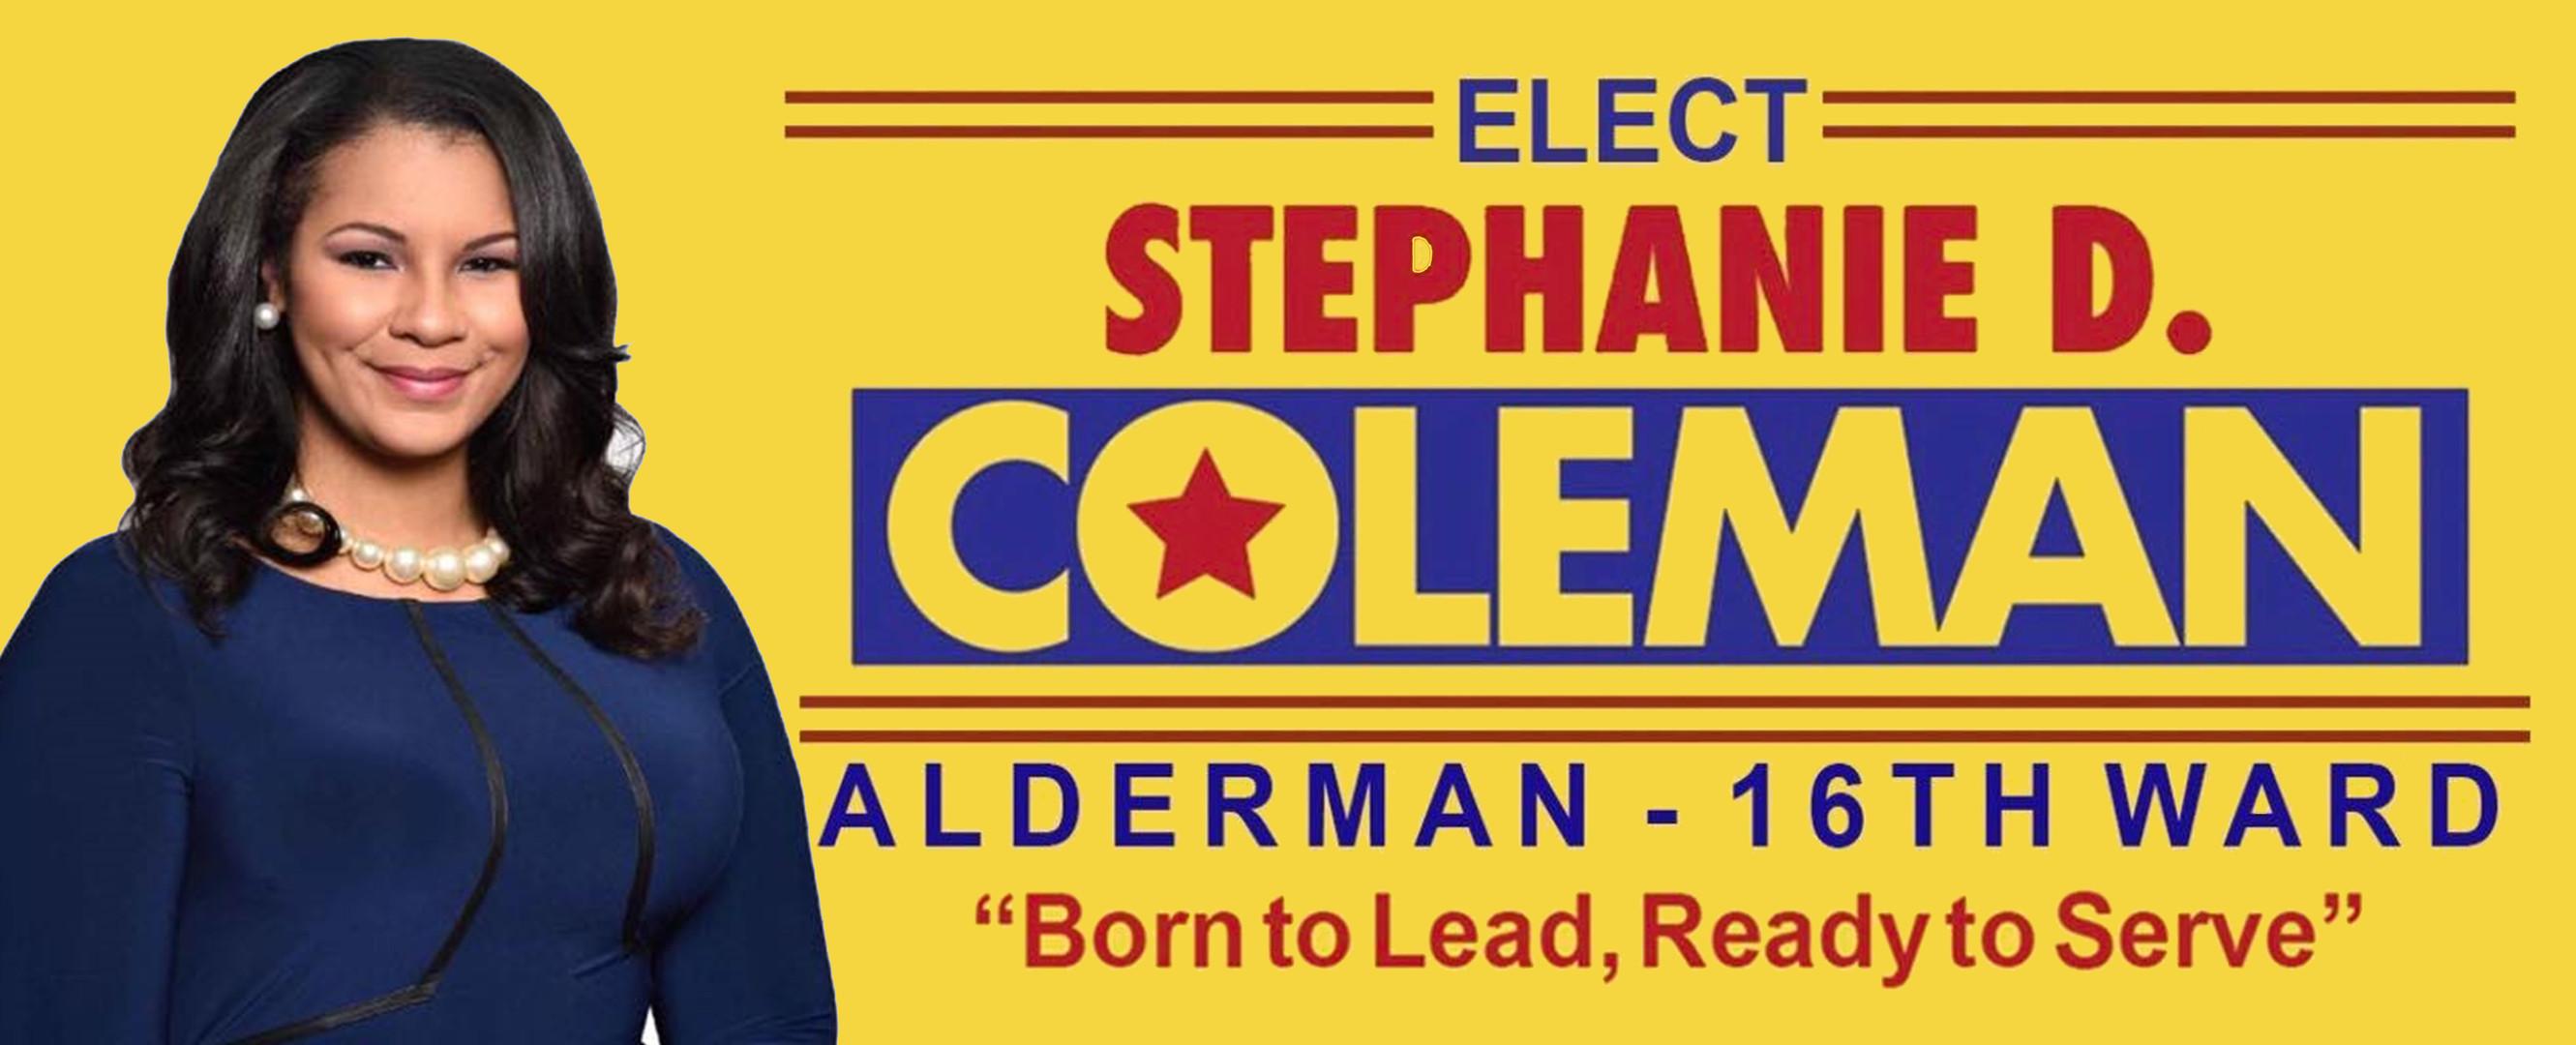 ELECT STEPHANIE.jpg